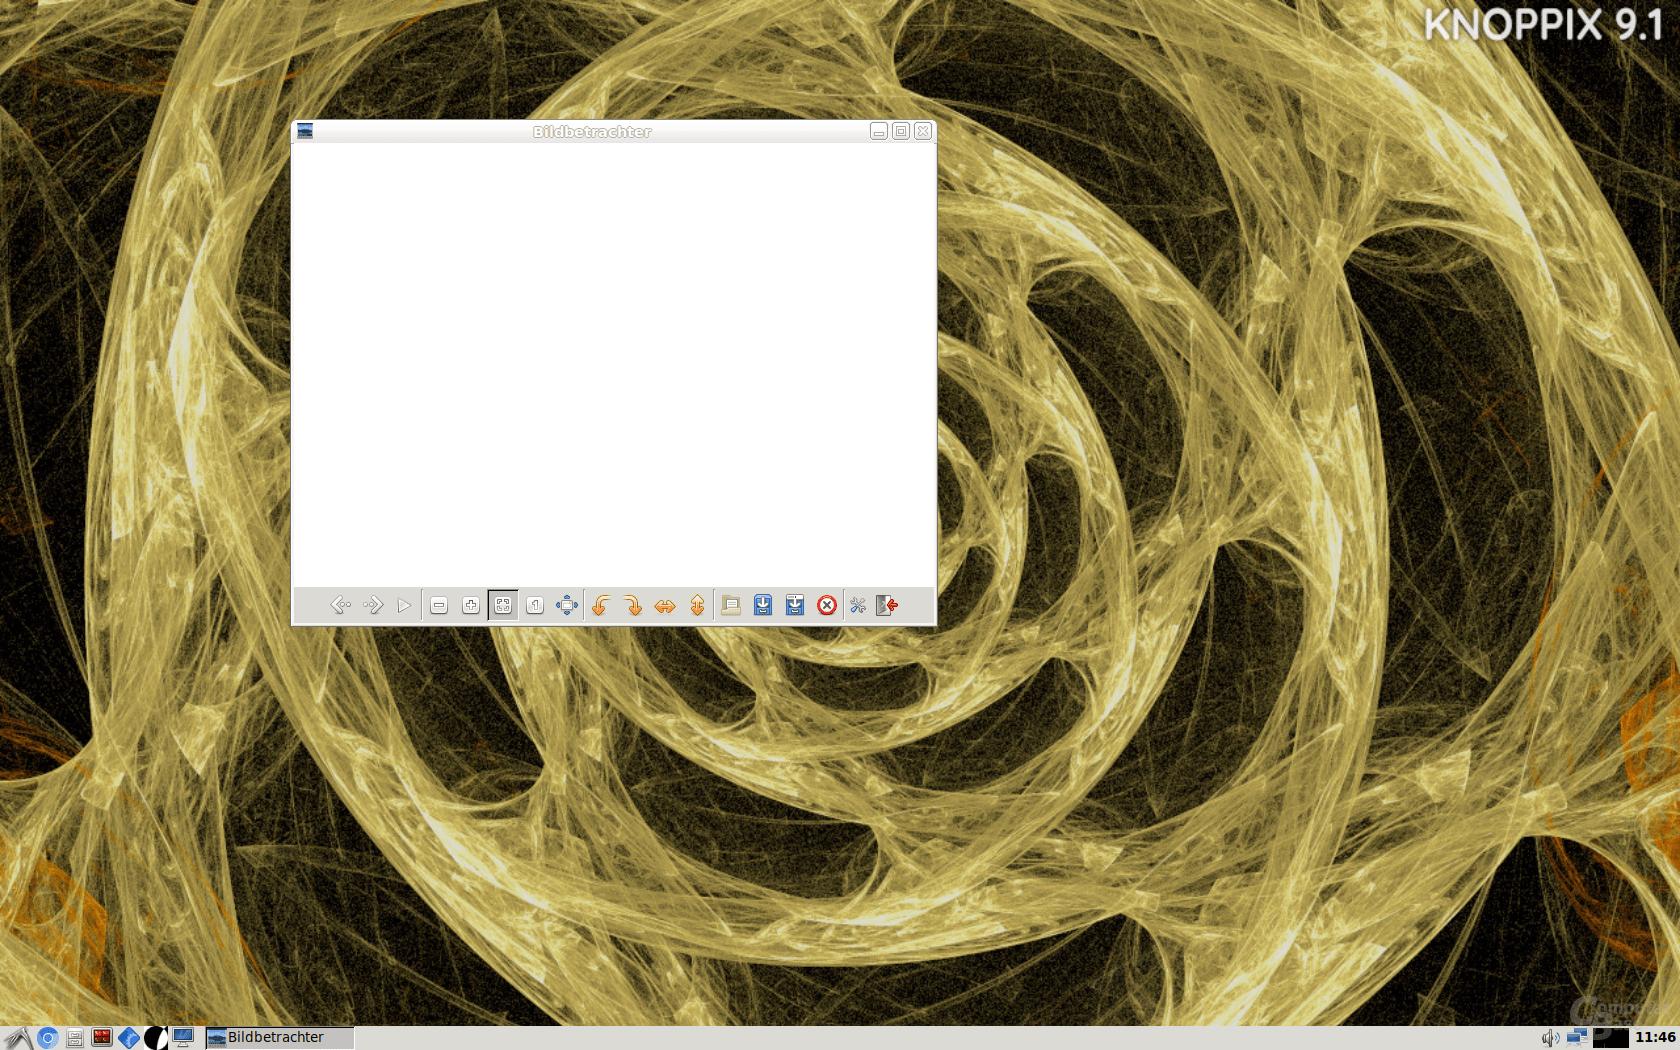 KNOPPIX 9.1 – Bildbetrachter